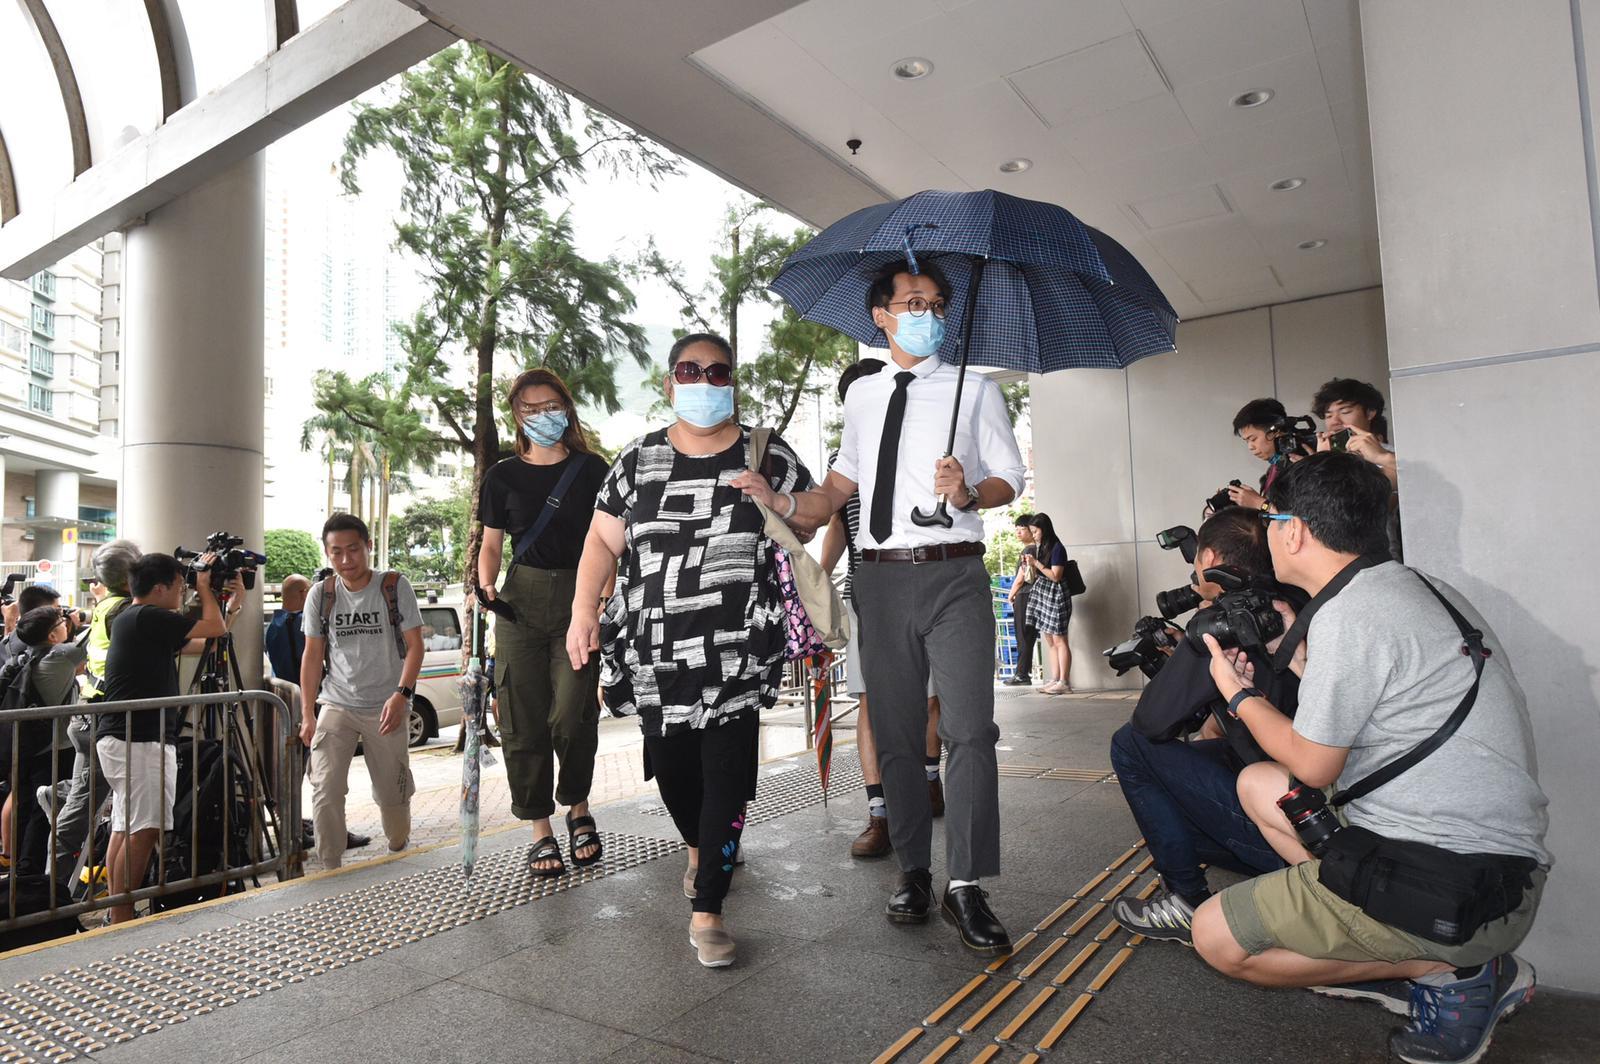 44名被告陸續抵達法院。